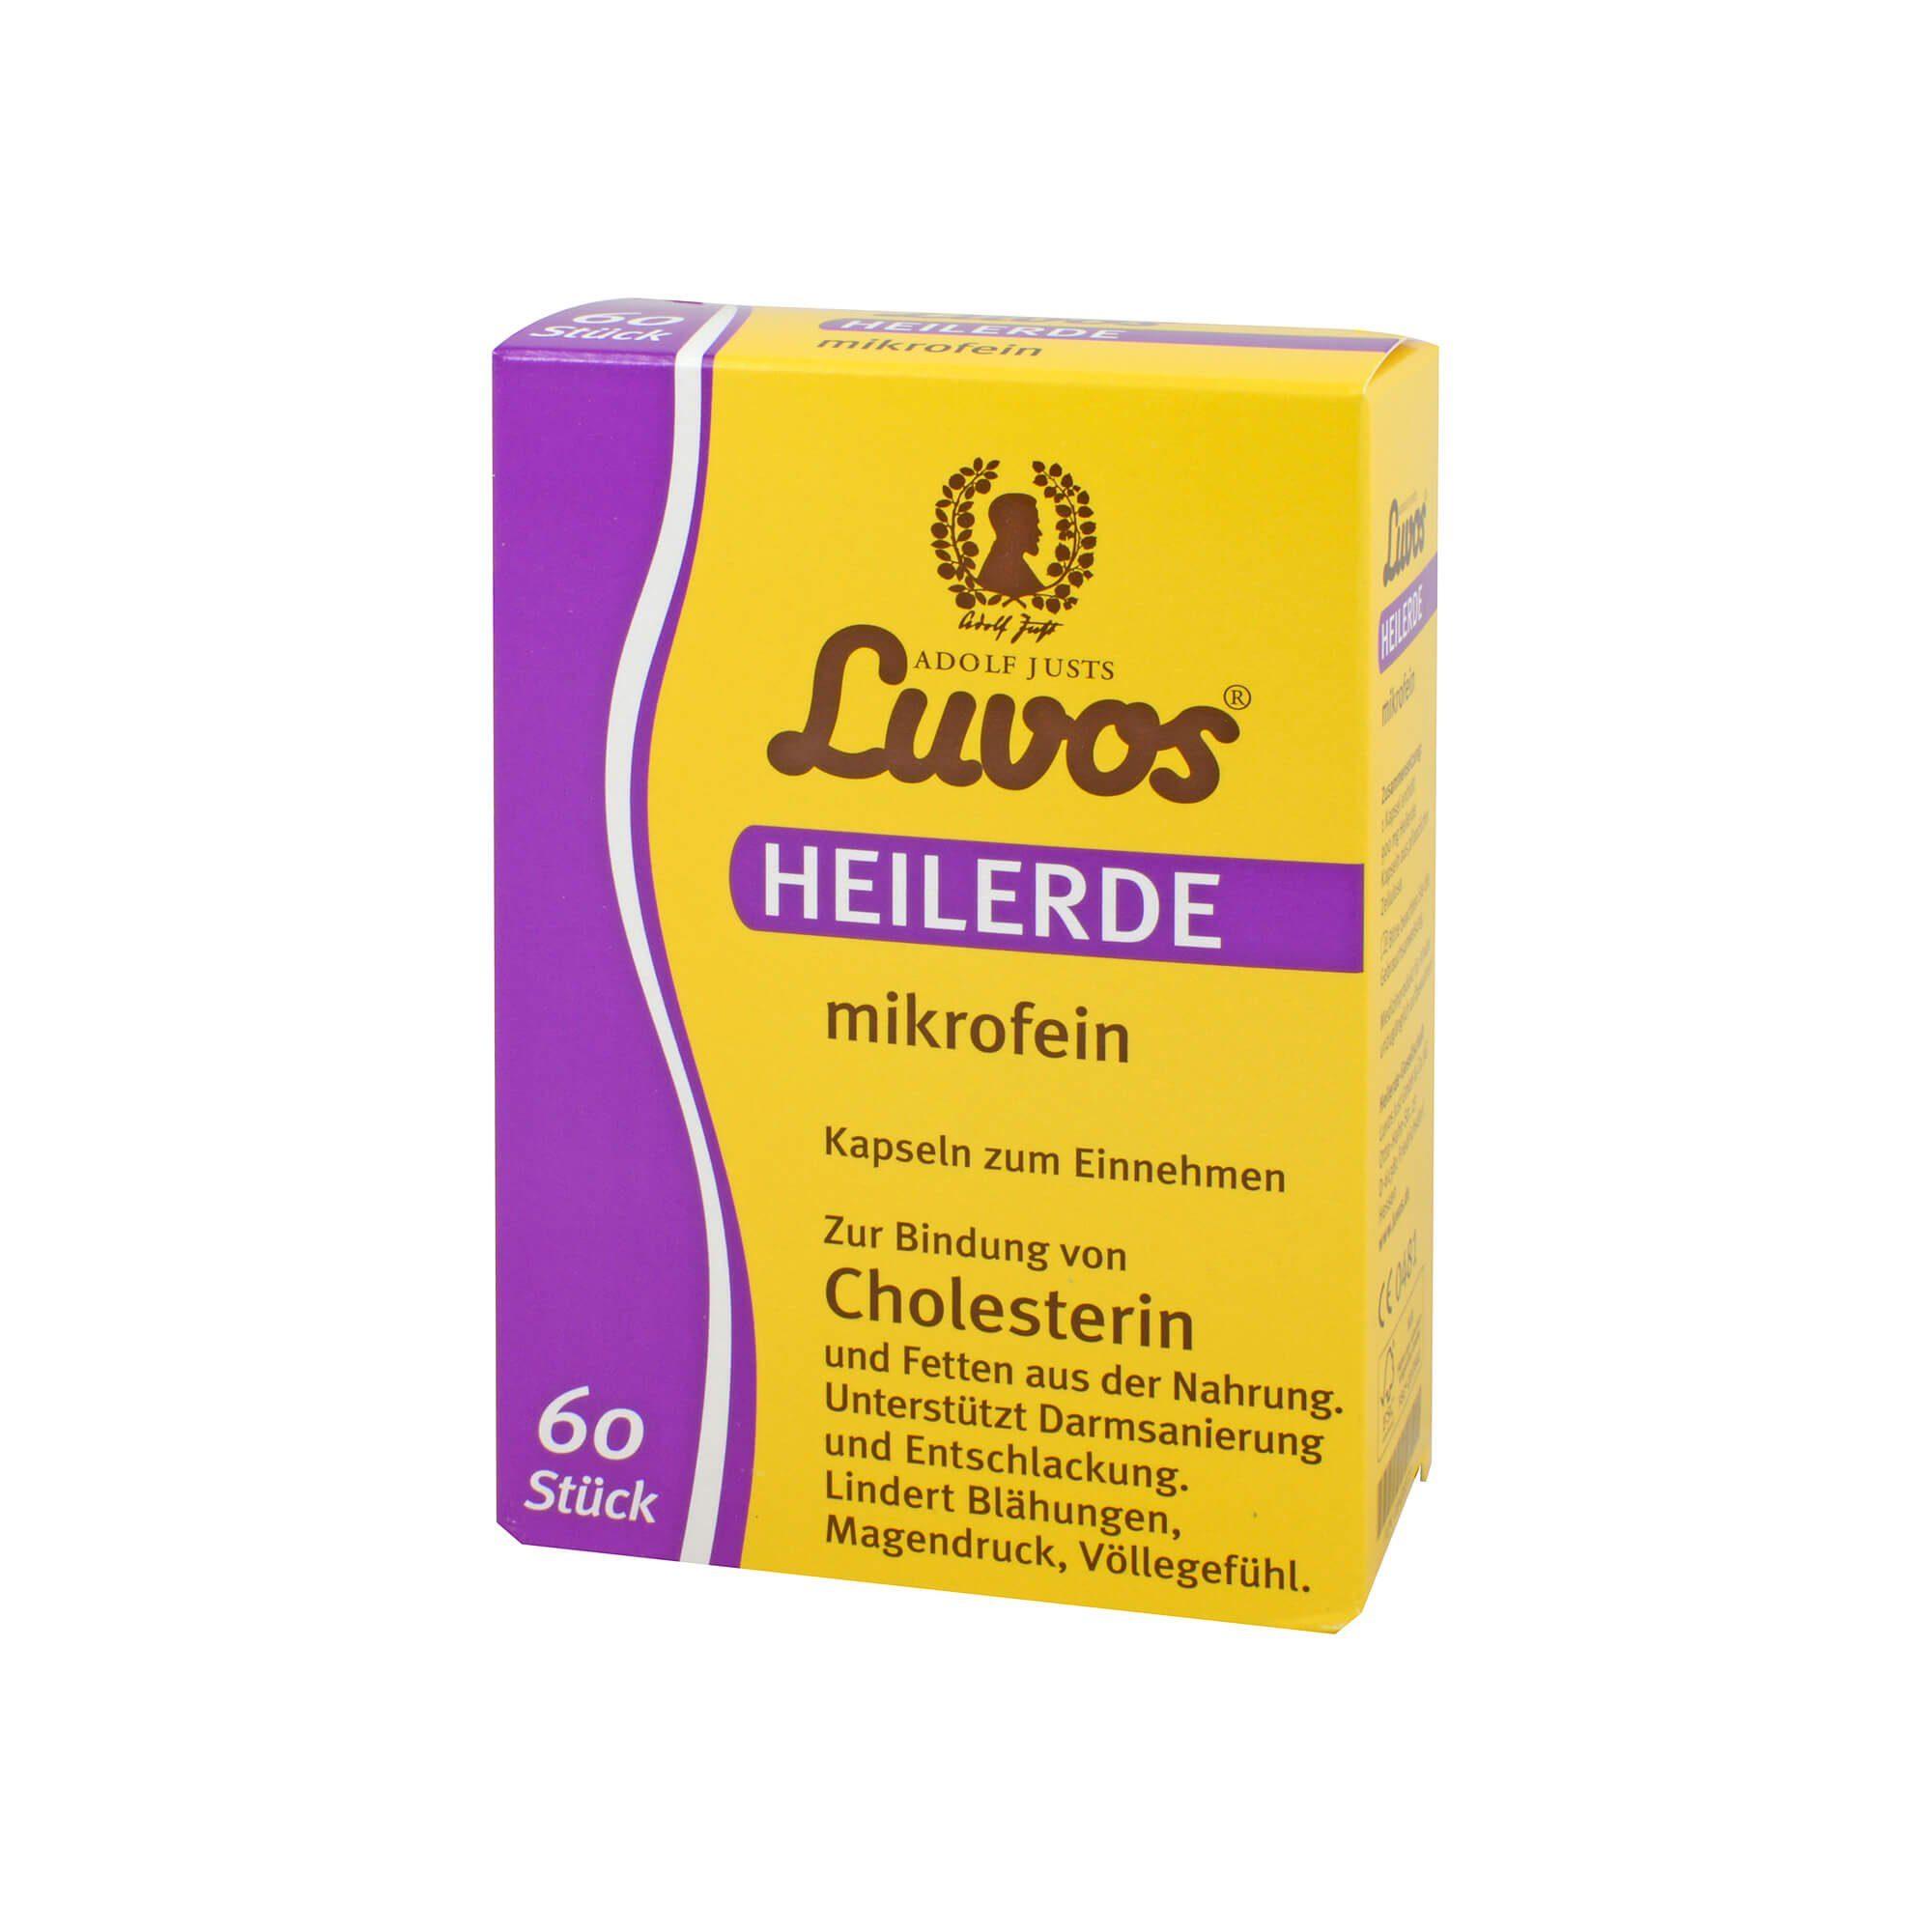 Luvos Heilerde mikrofein Kapseln, 60 St